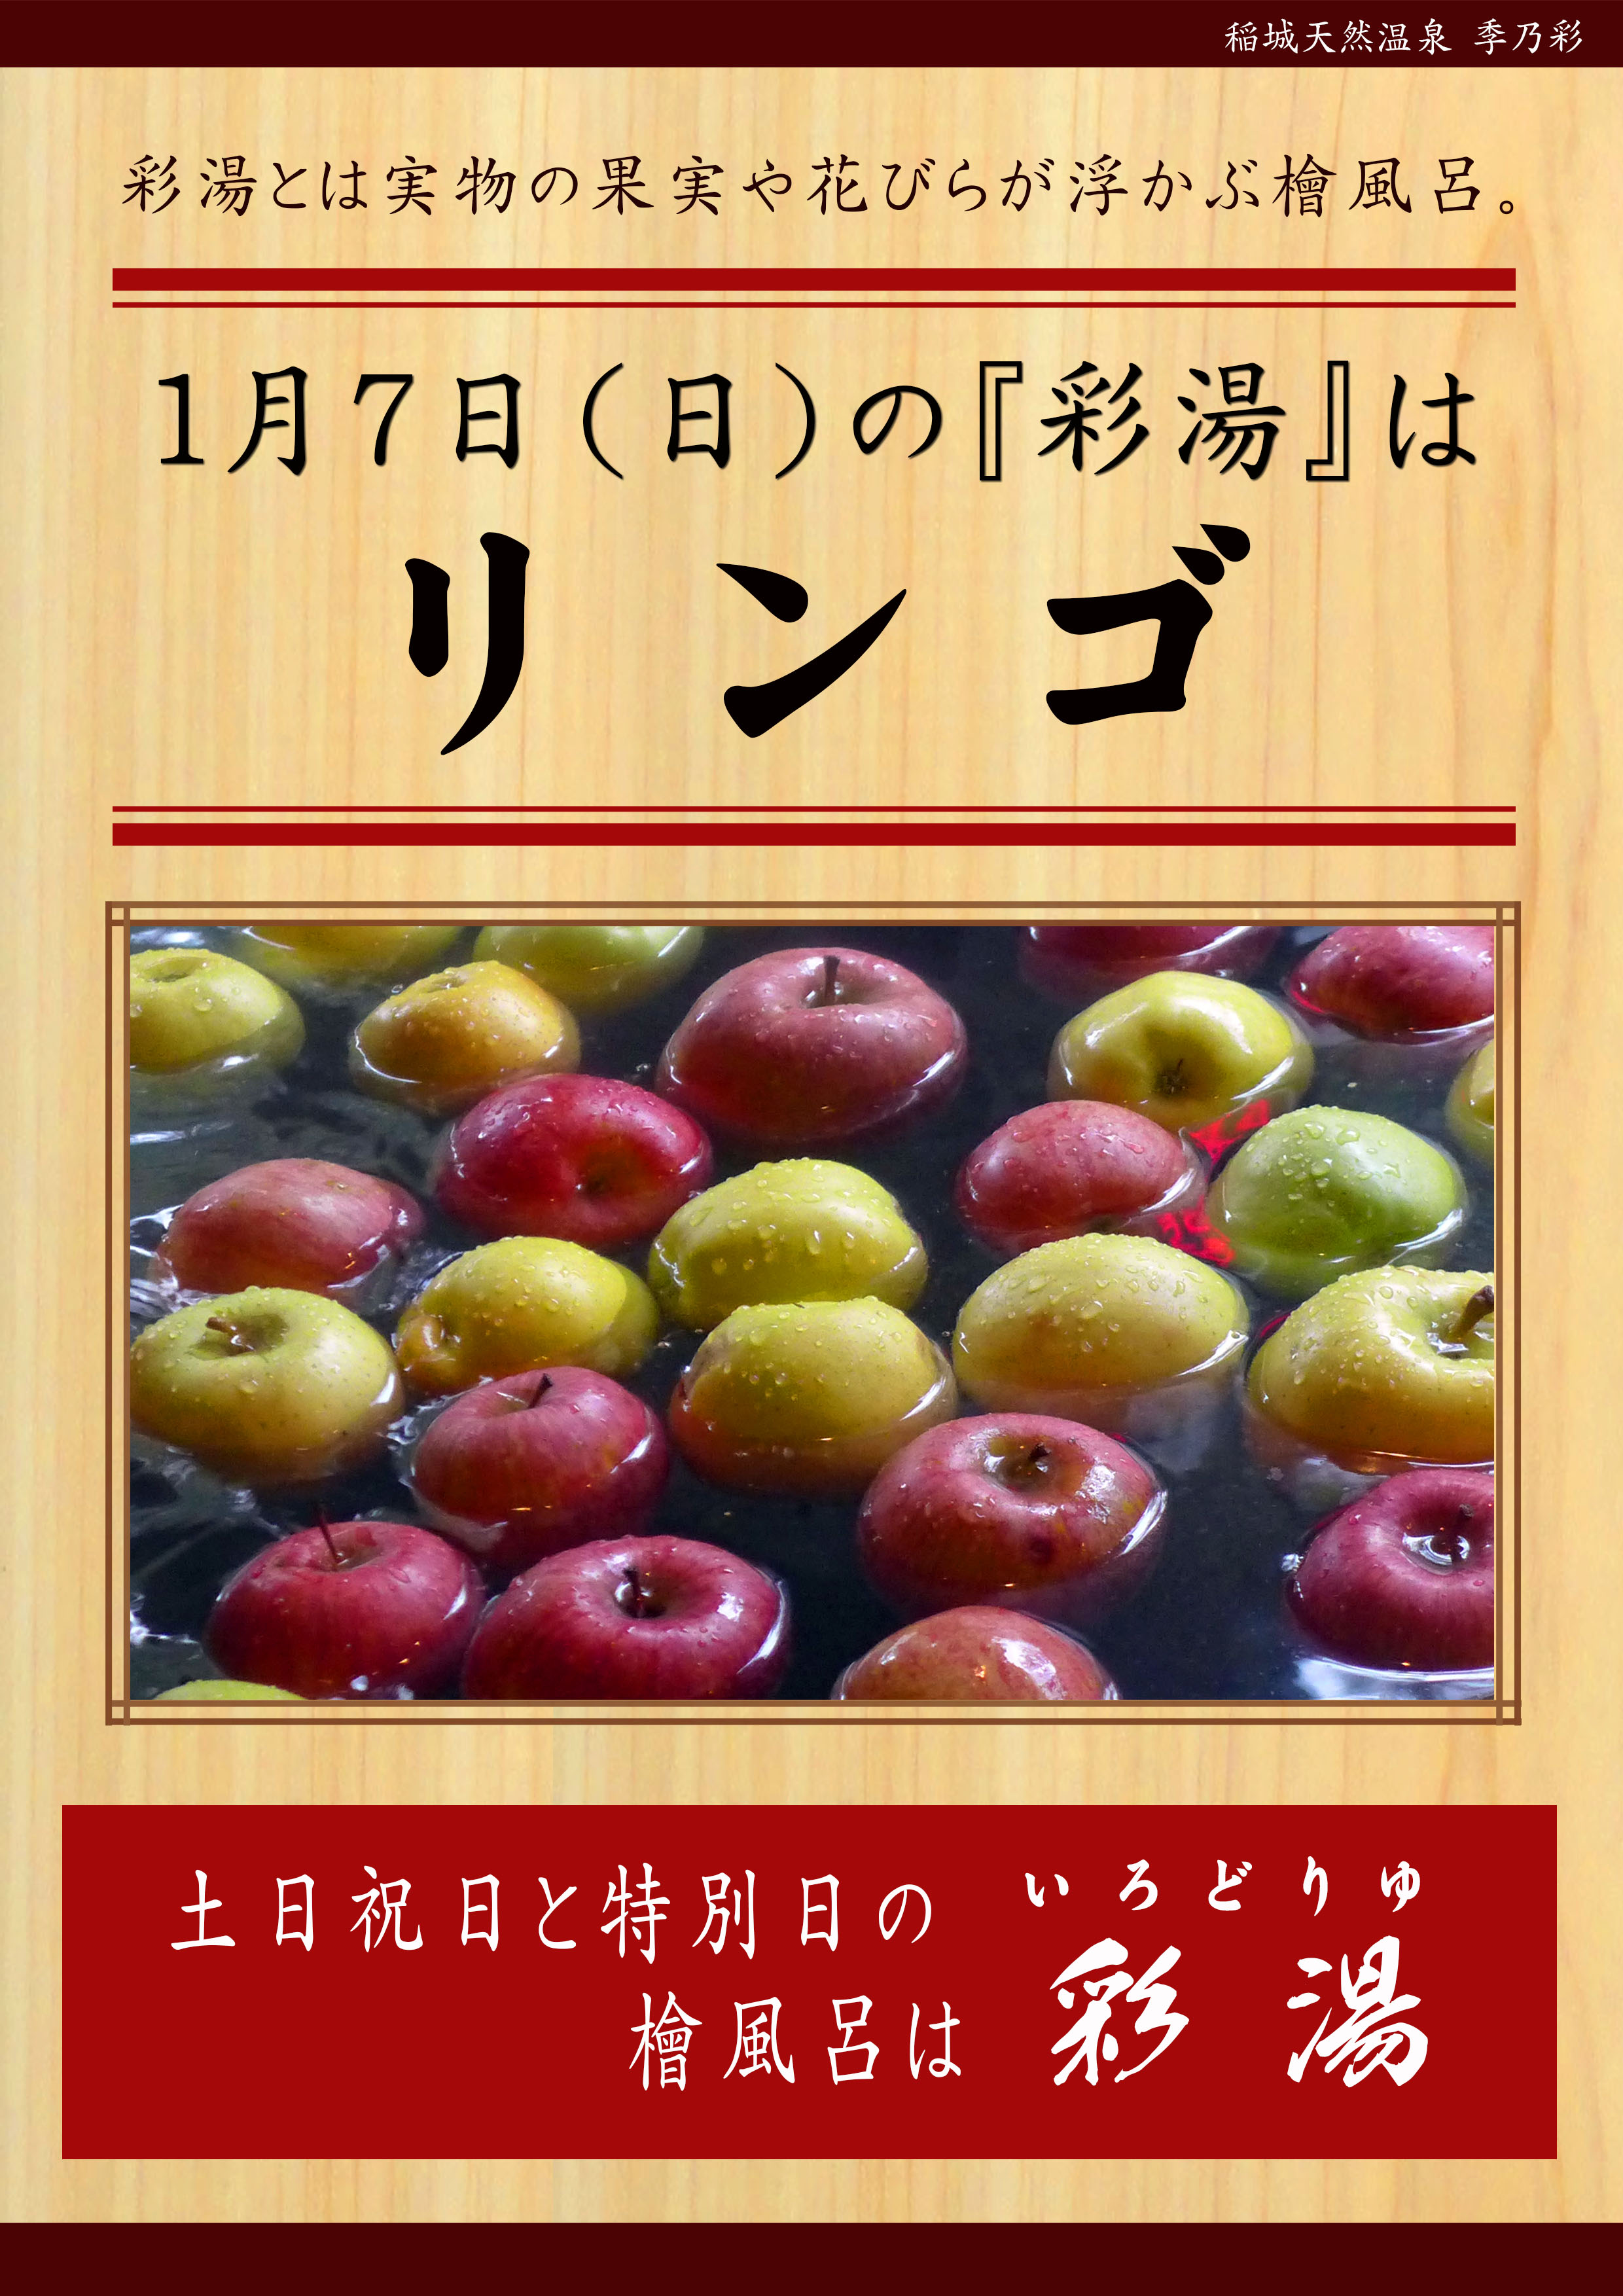 20180107POP イベント 彩湯 リンゴ